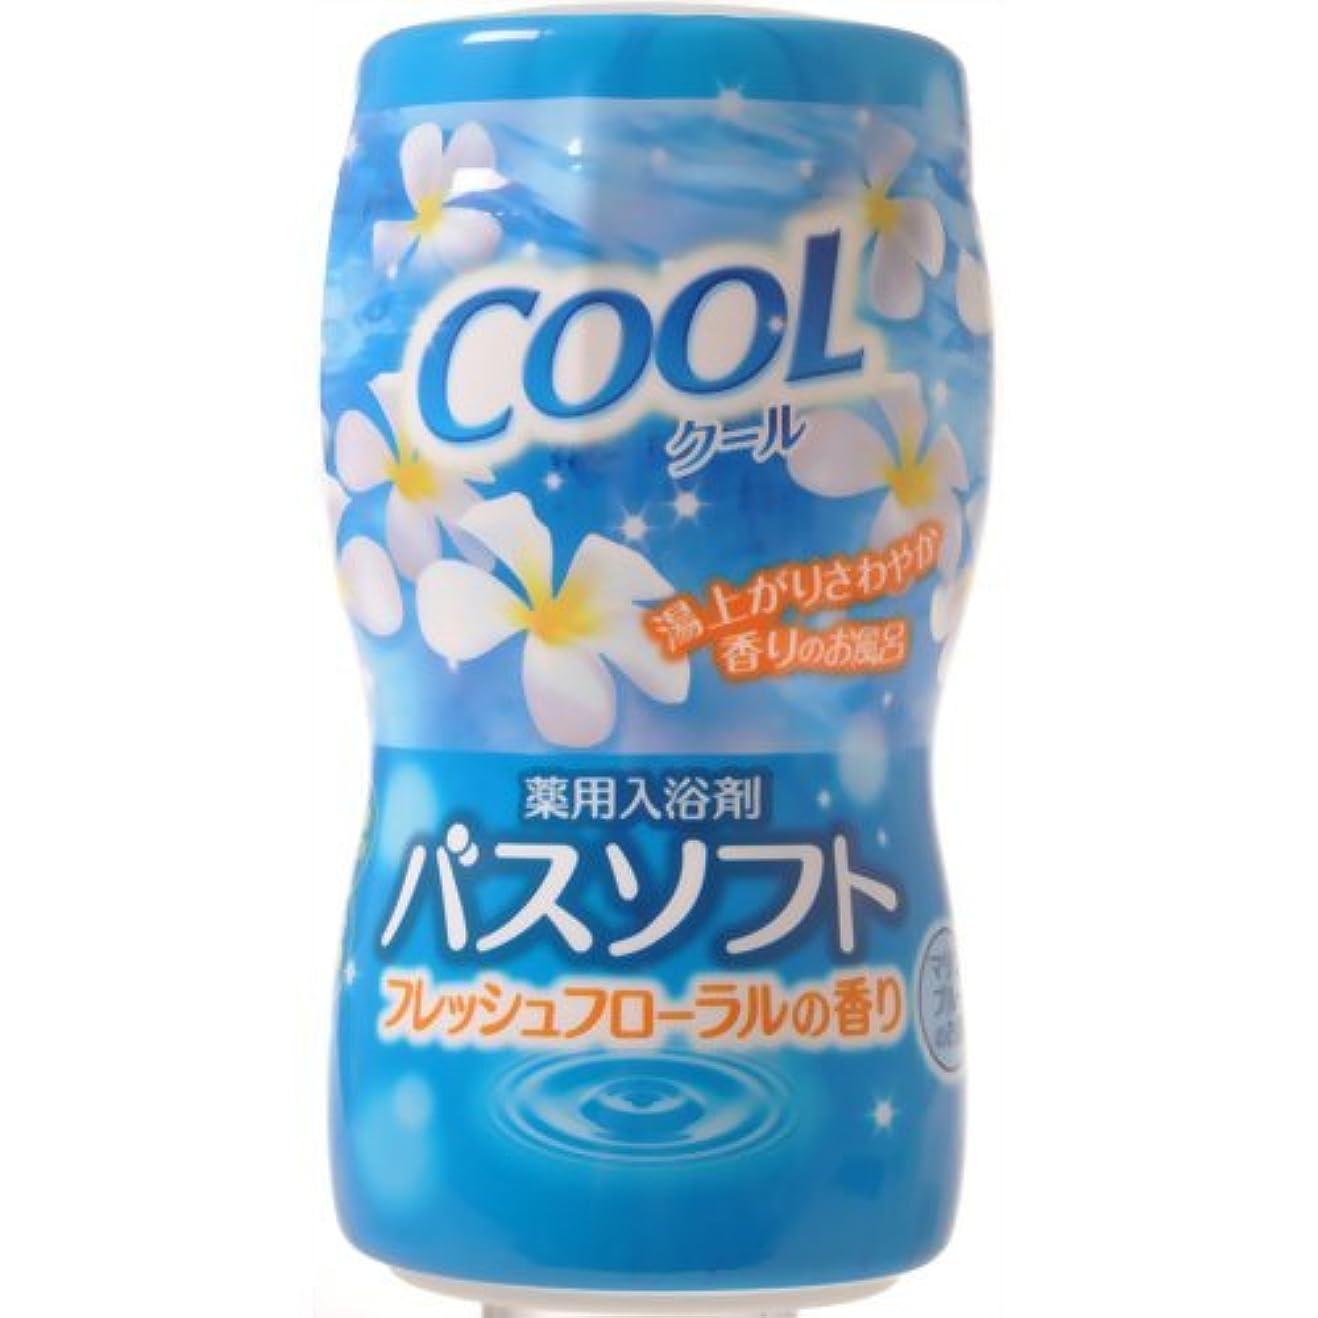 世界証明書ぞっとするような【オカモト】薬用入浴剤バスソフト クール 700g